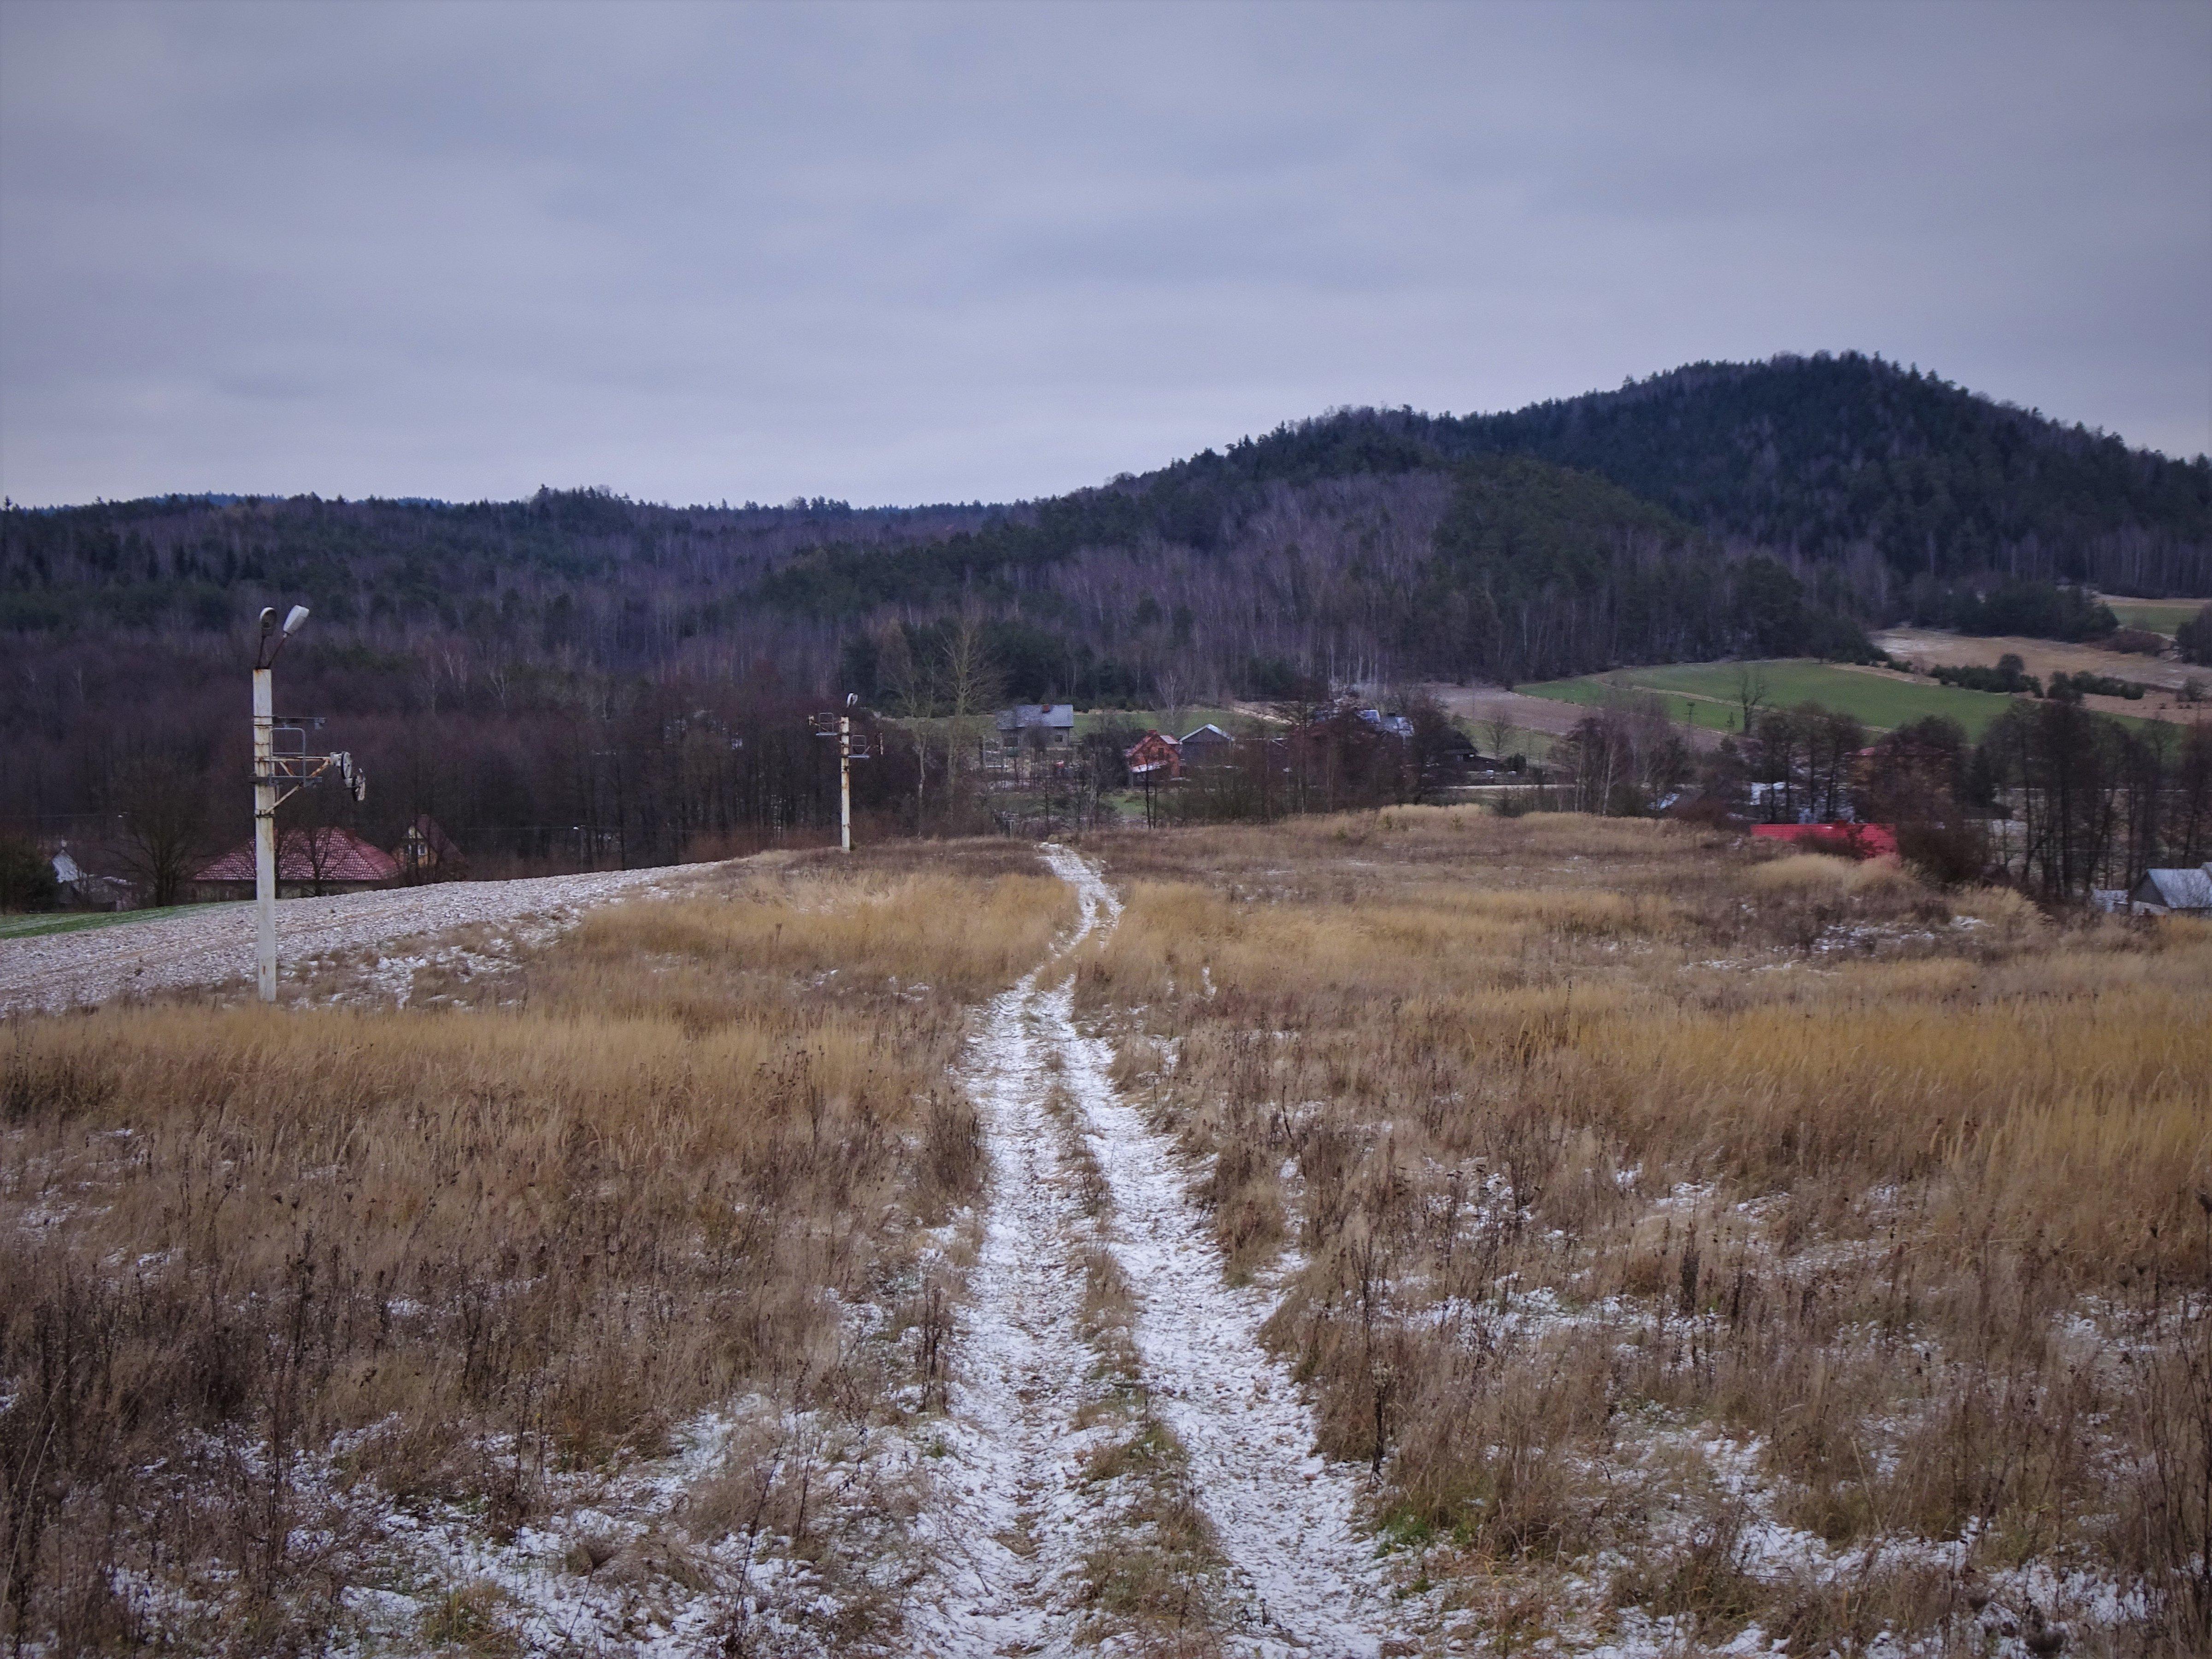 Zamczysko i stacja narciarska na sprzedaż - kolejne świętokrzyskie włóczęgi